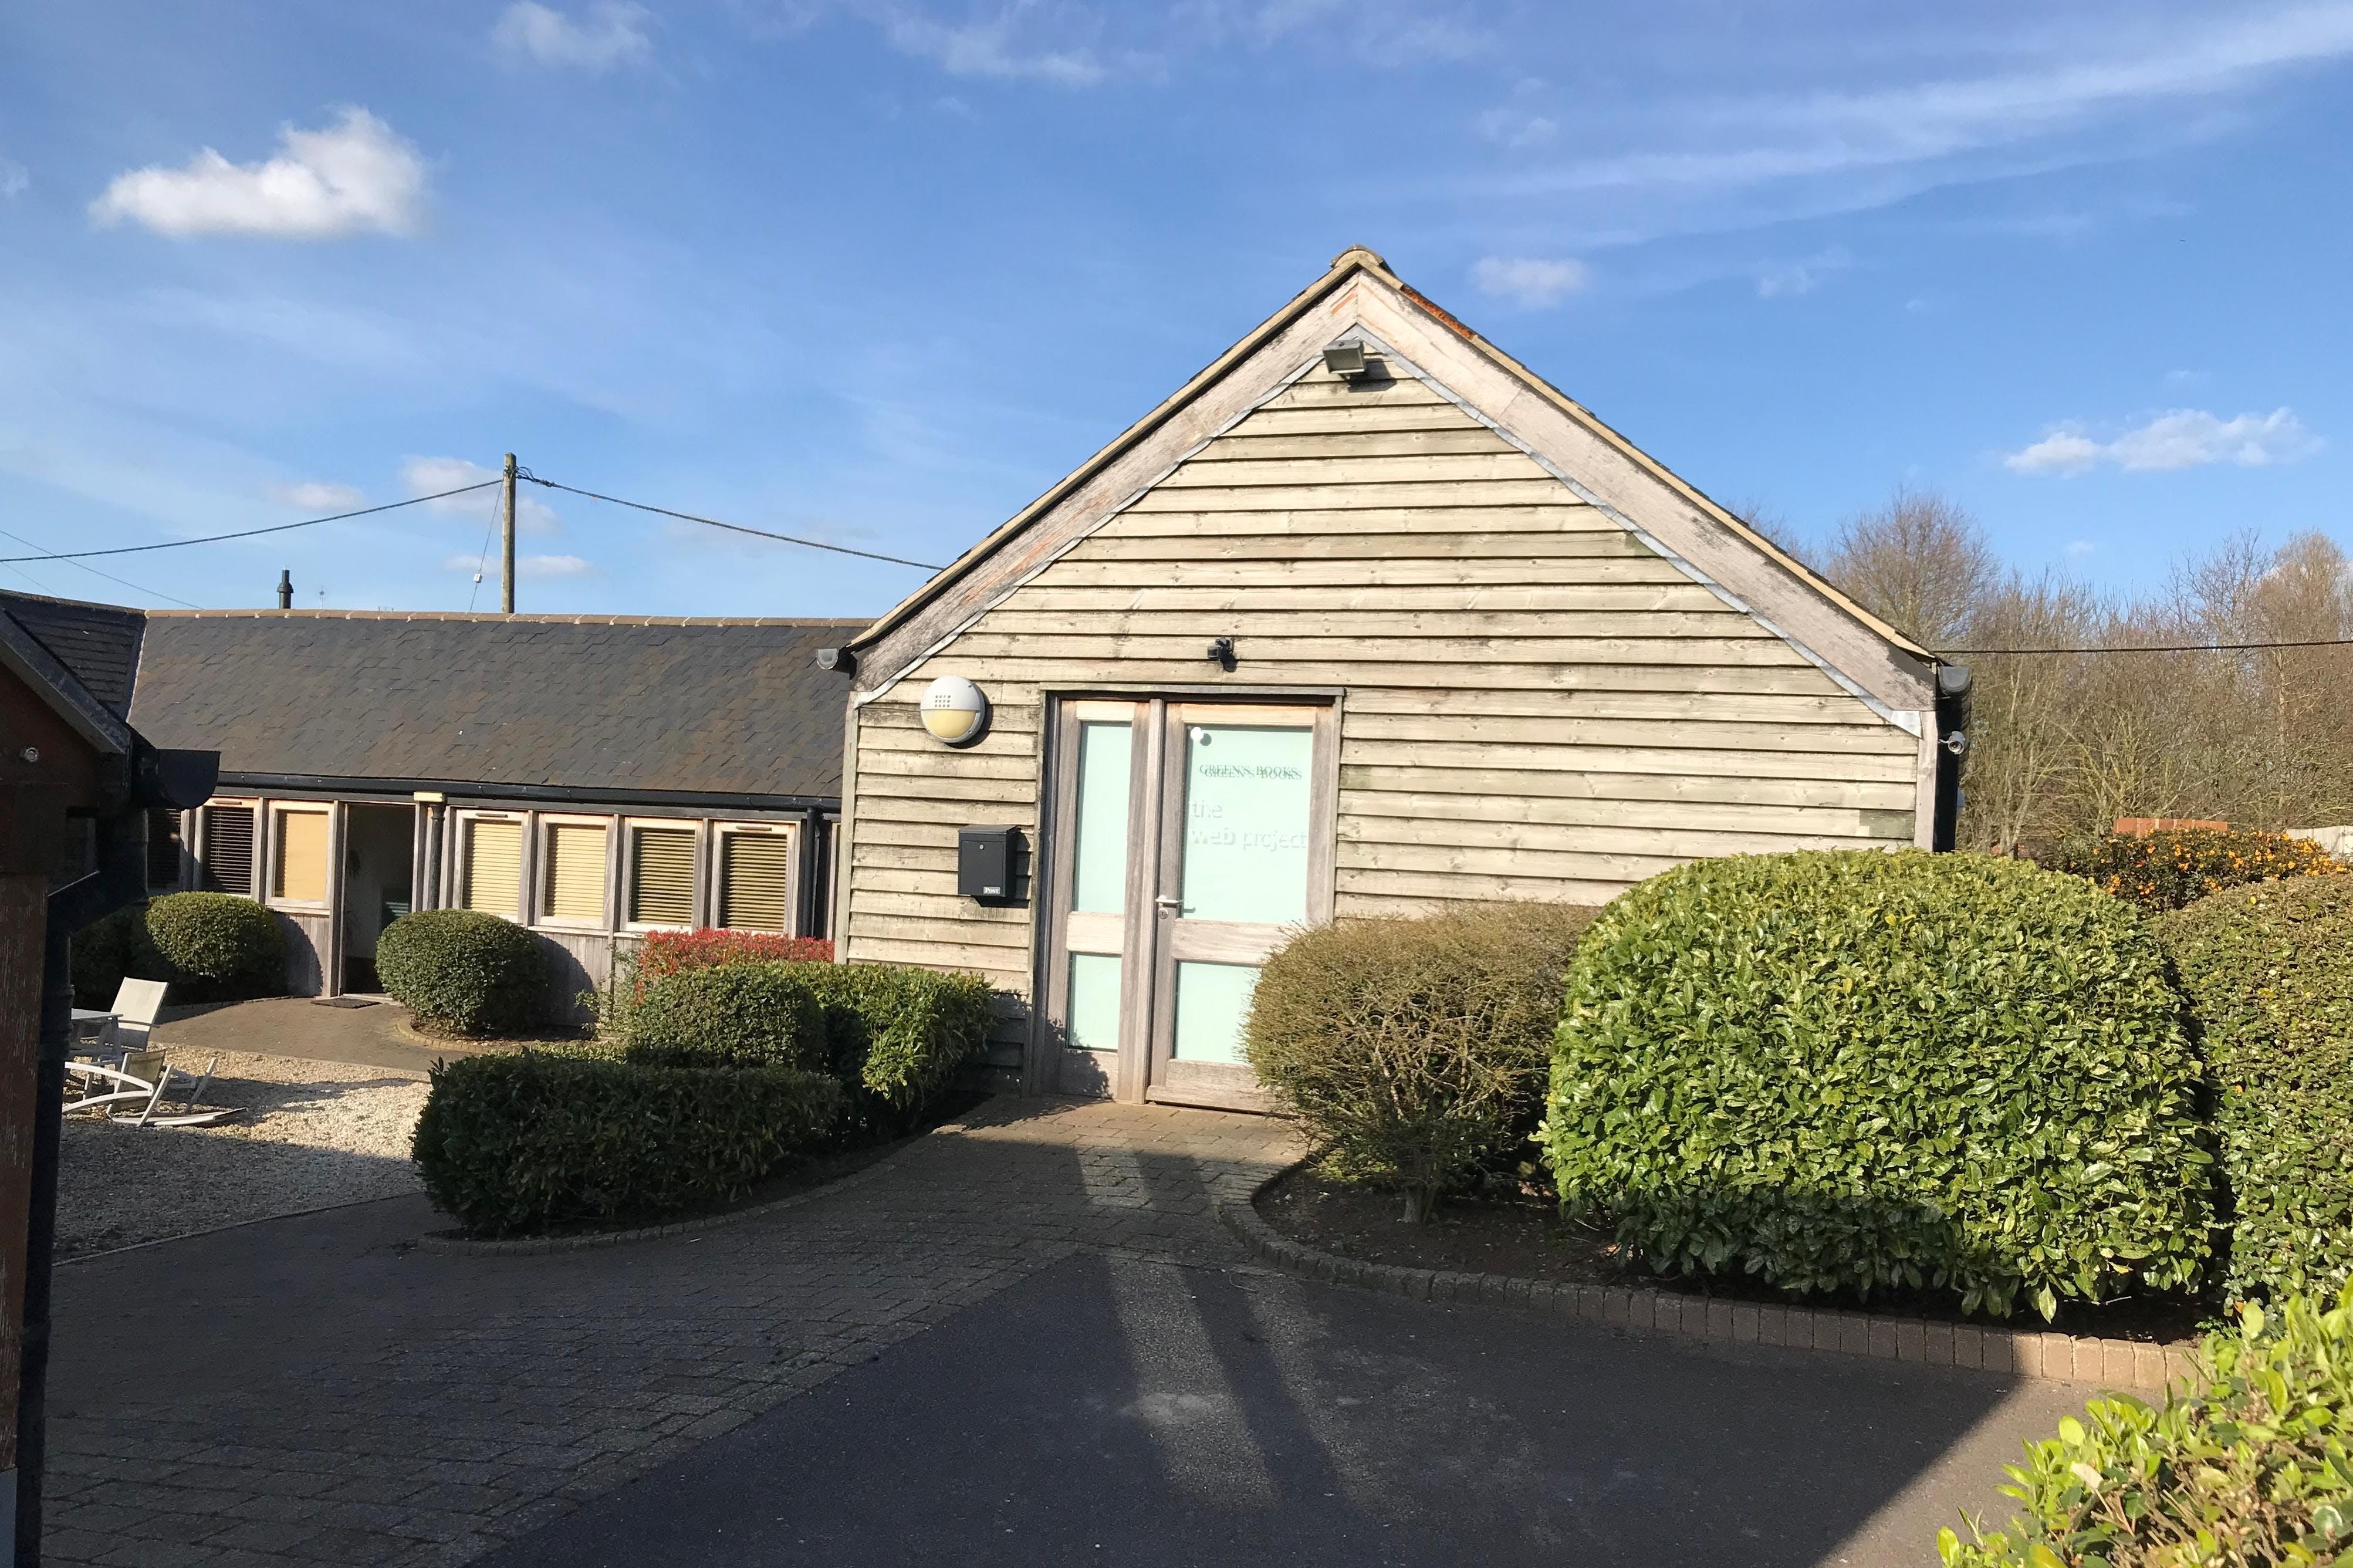 3 Drayton House Court, Drayton St. Leonard, Office / Investment To Let / For Sale - IMG_0909.jpg